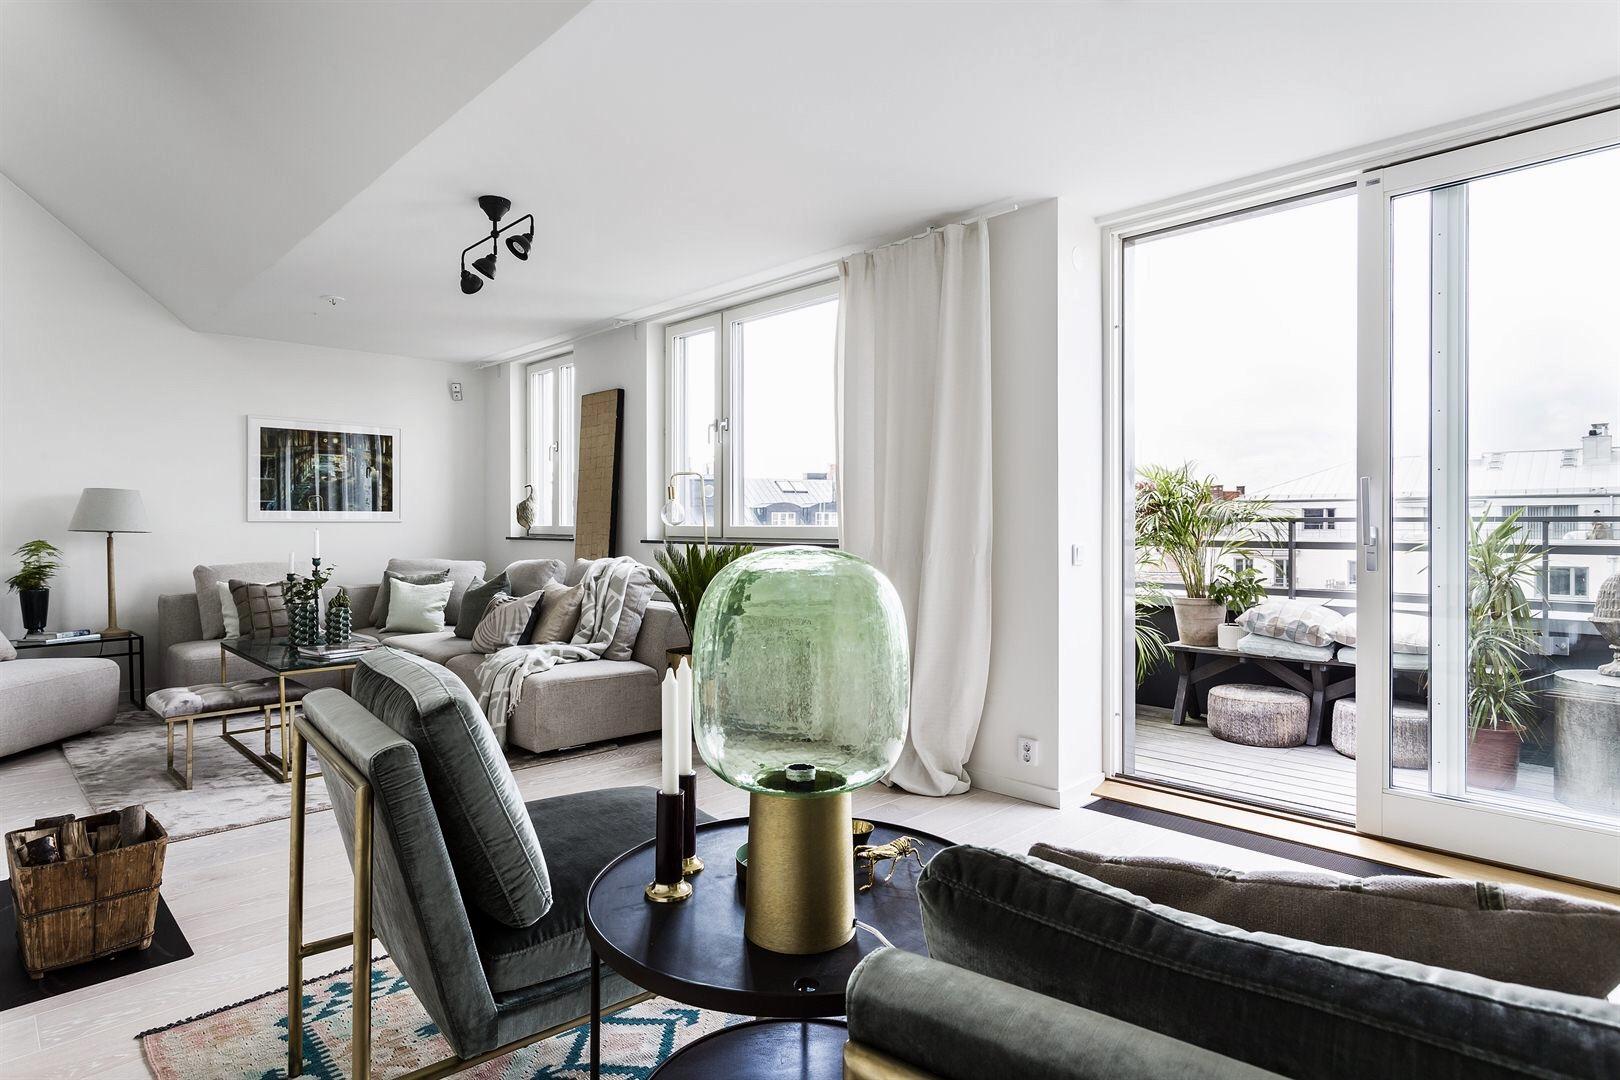 гостиная мягкая мебель серый диван раздвижные двери балкон